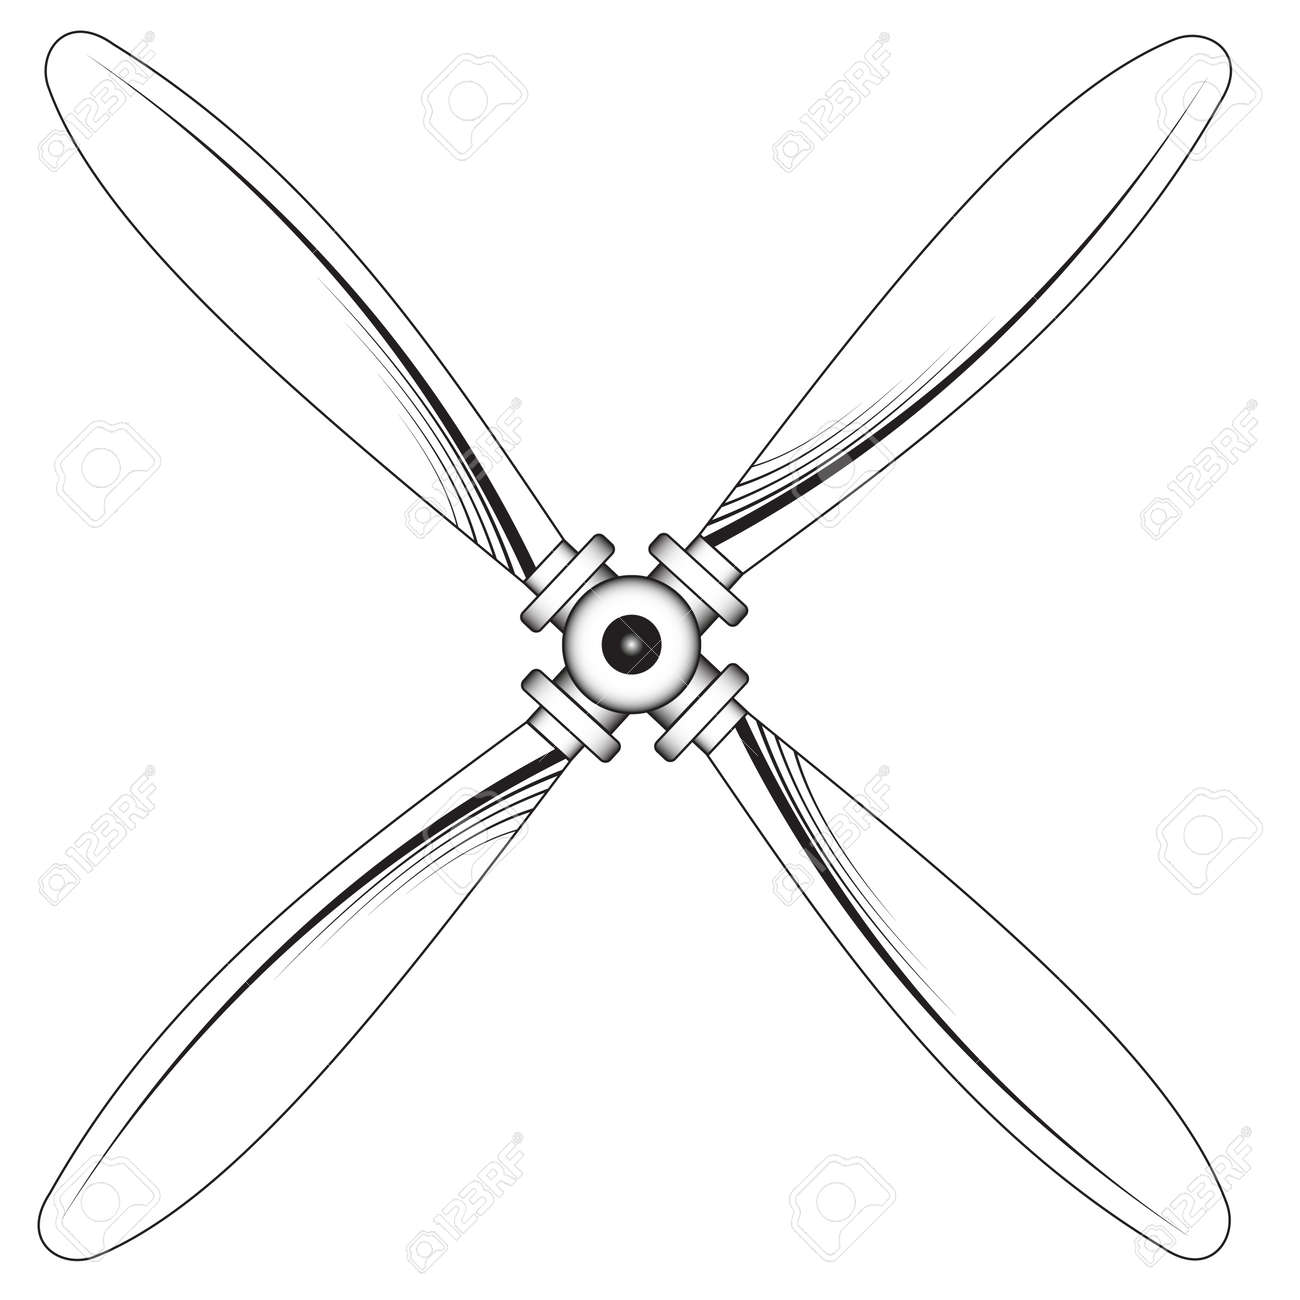 Ilustración De Una Hélice Con Cuatro Cuchillas Sobre Un Fondo Blanco ...